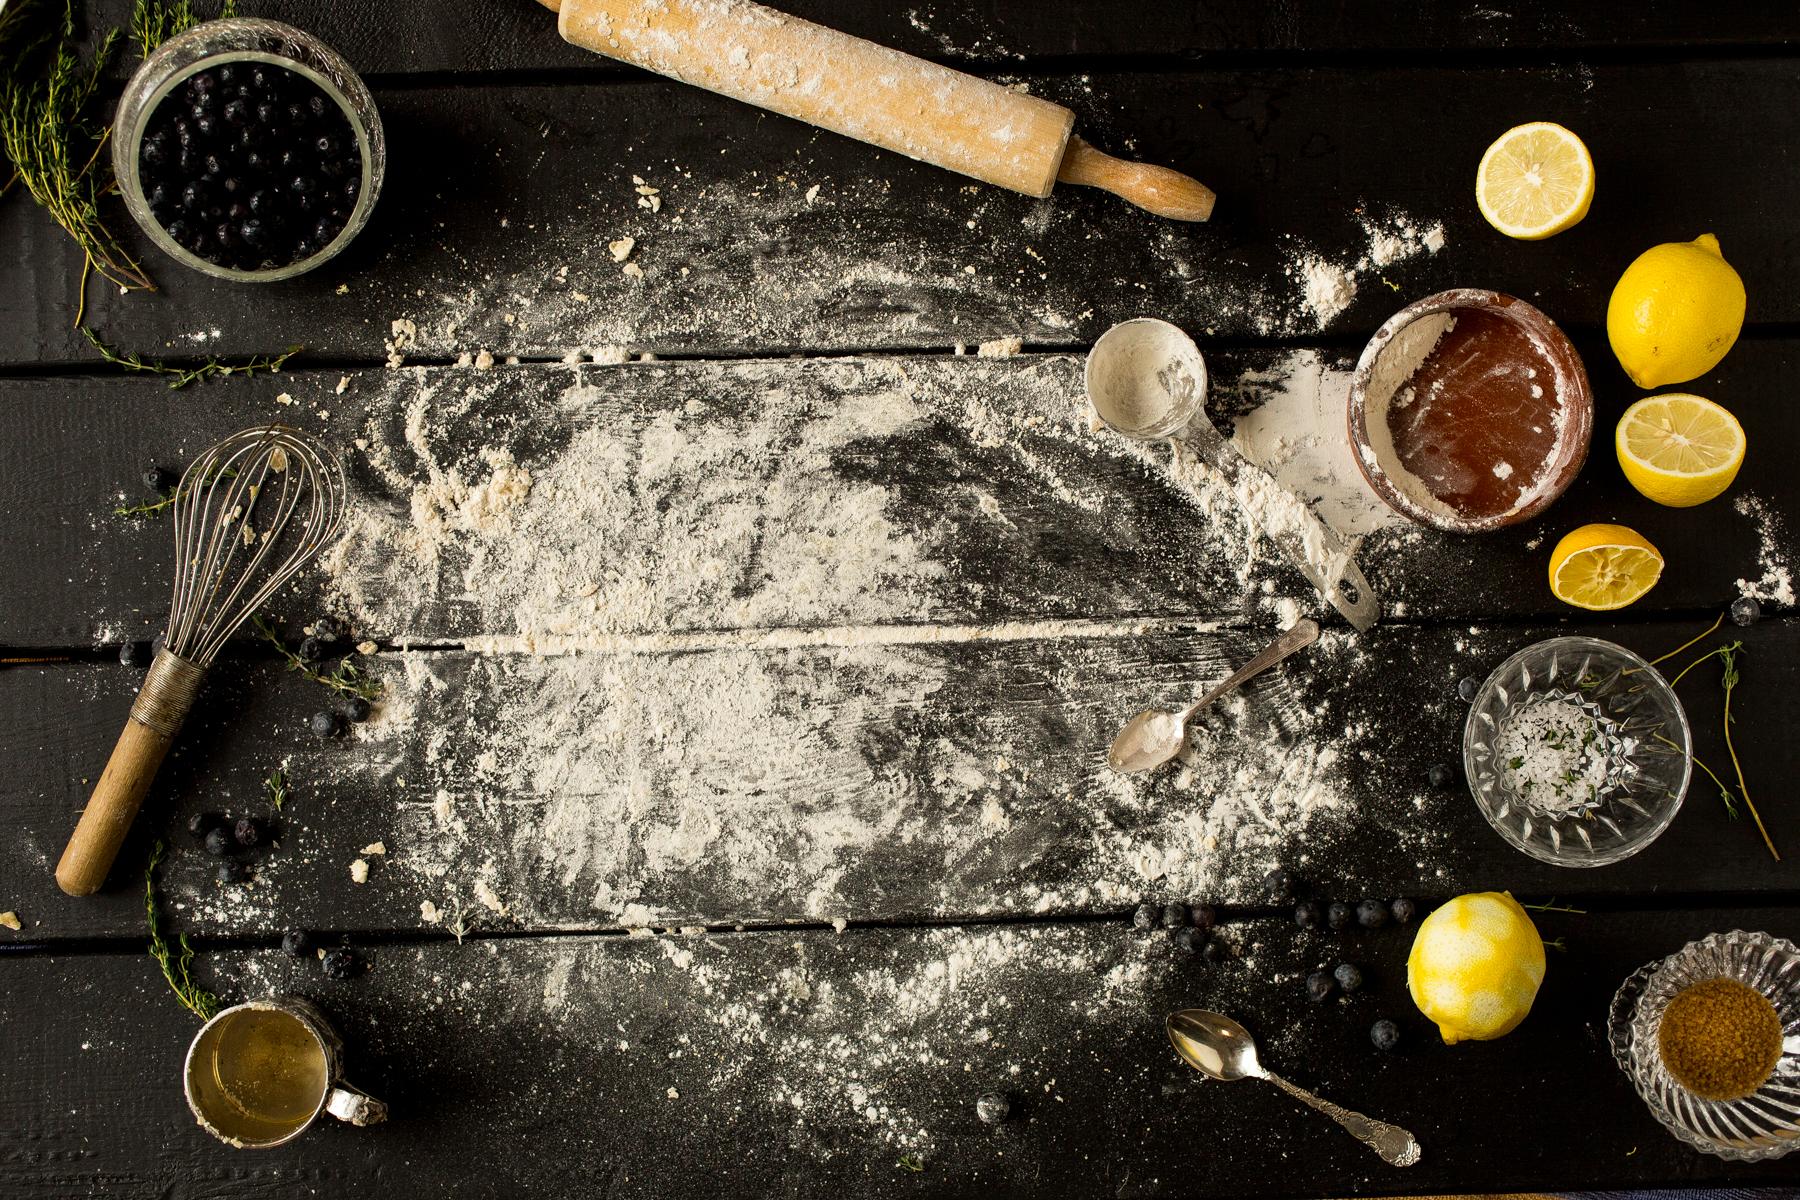 Koken met collega's-horecaacademie-kookworkshop